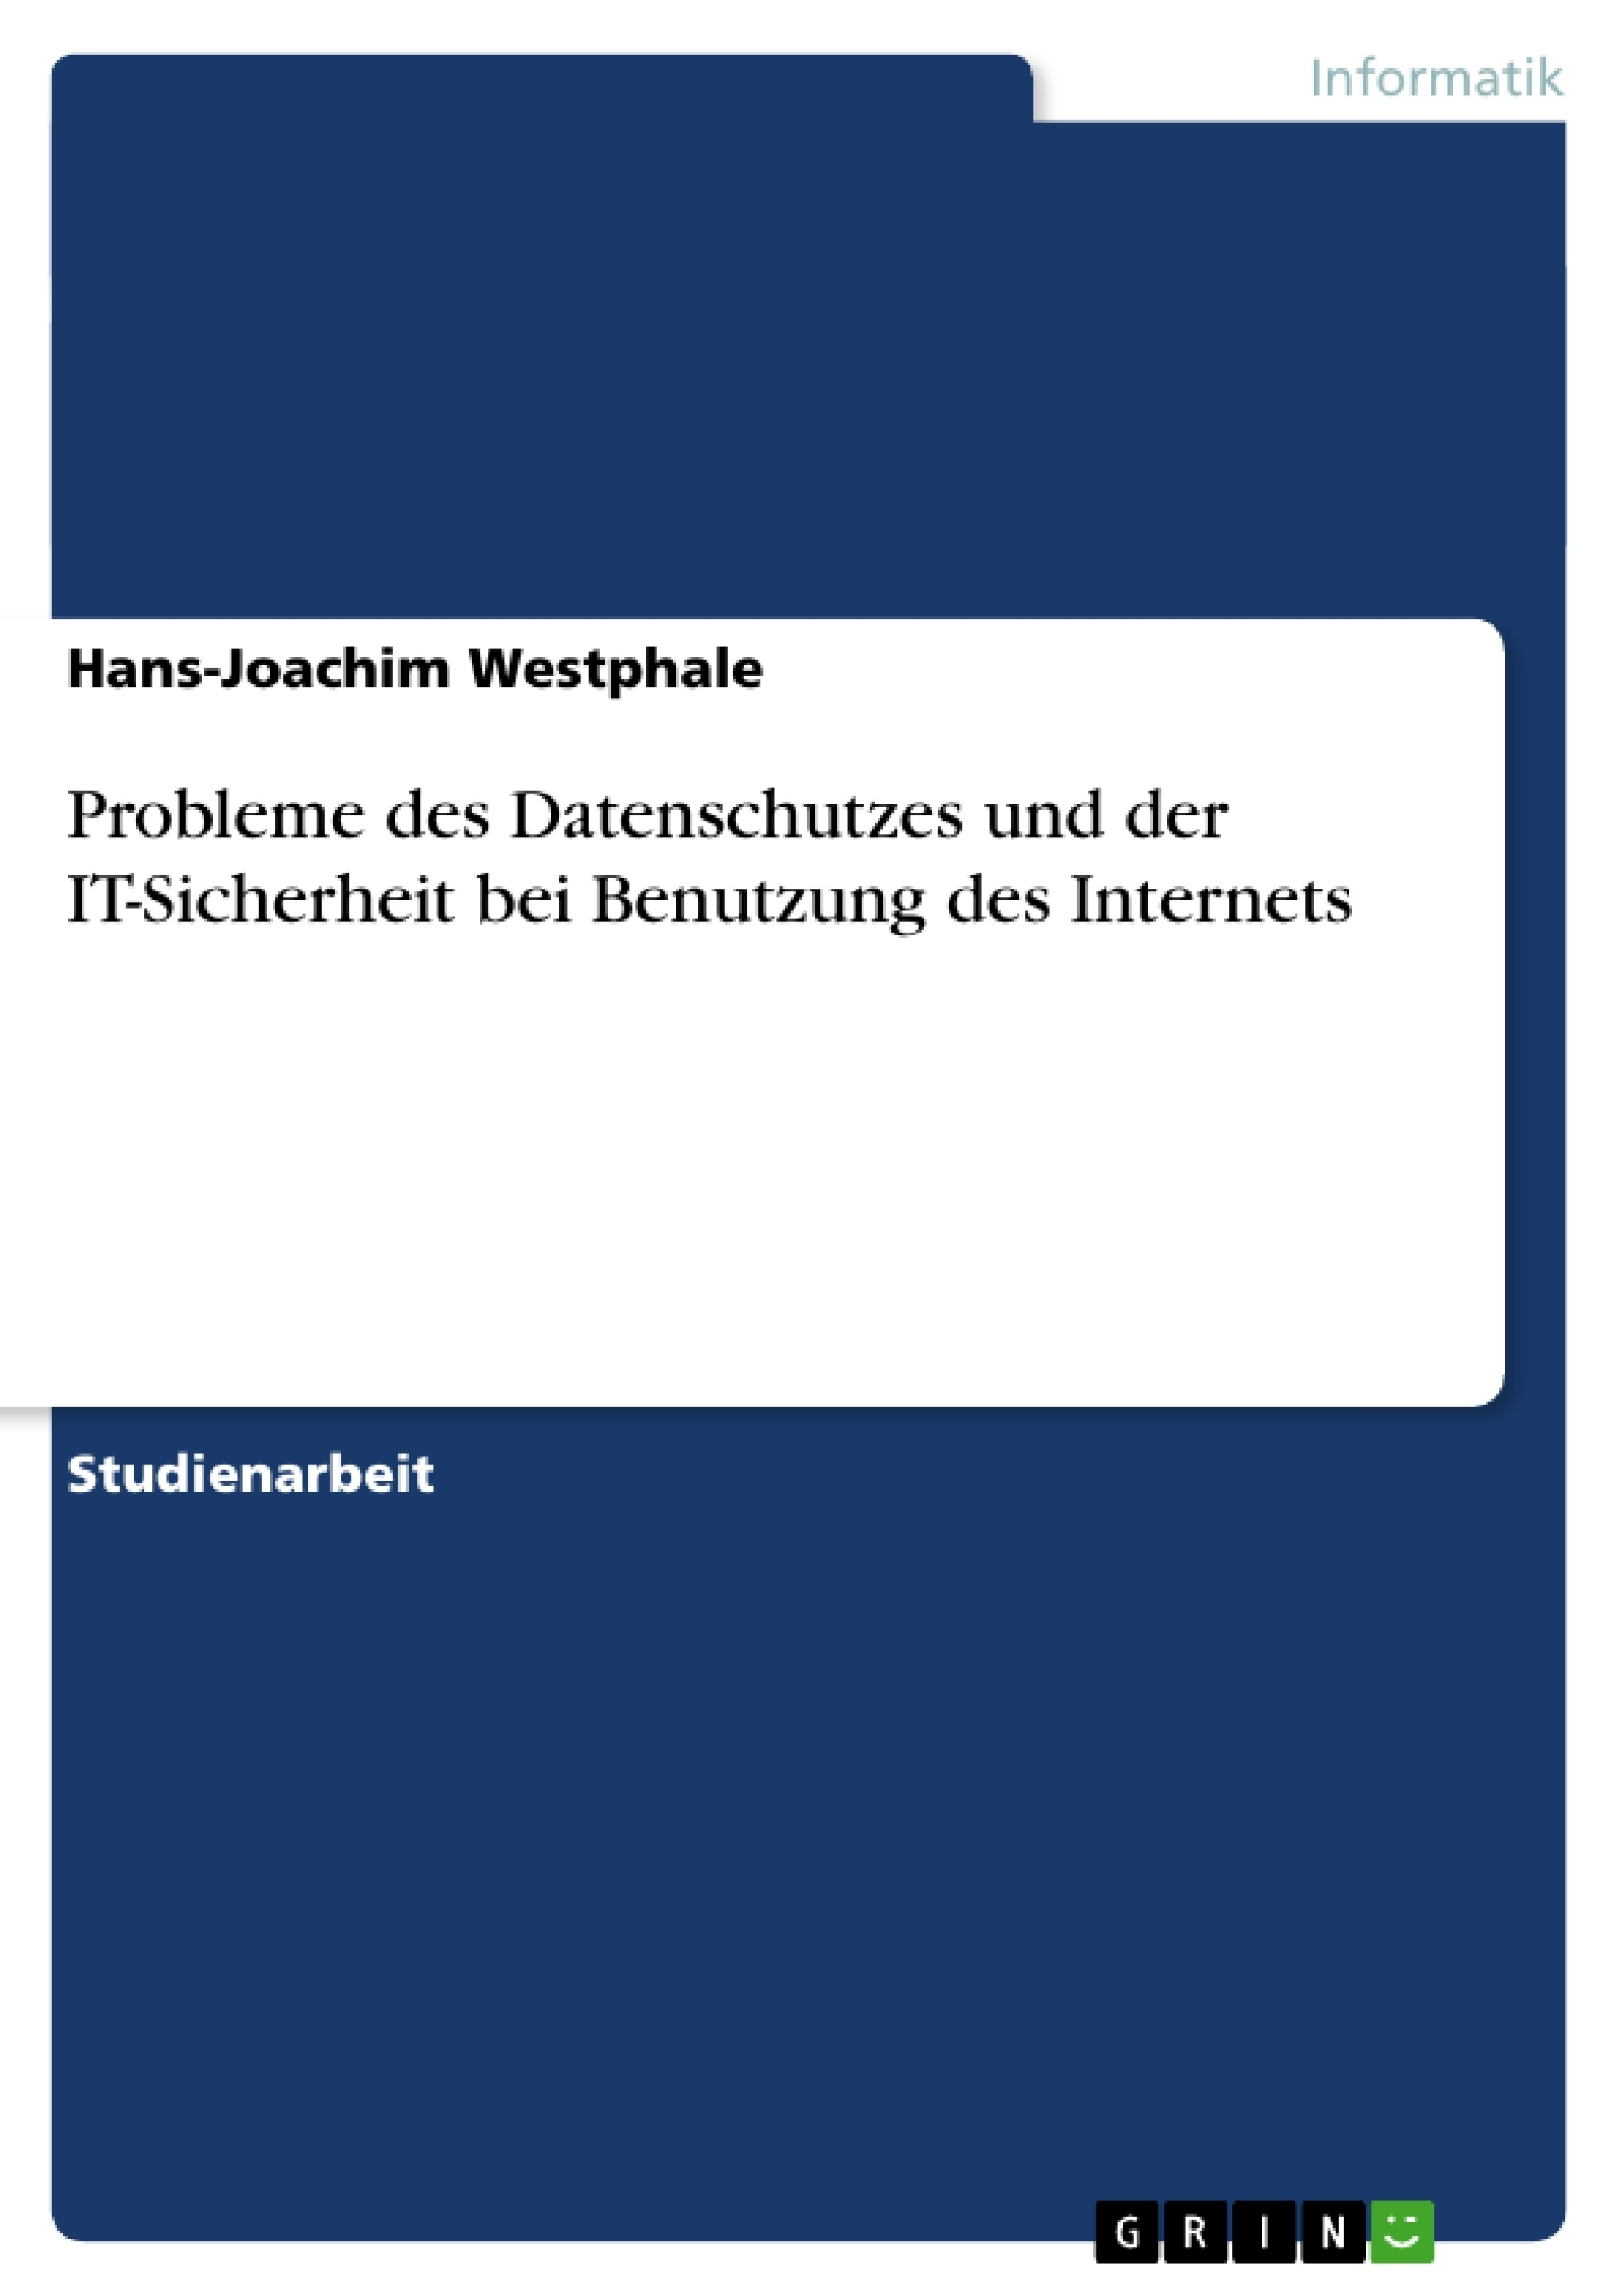 Titel: Probleme des Datenschutzes und der IT-Sicherheit bei Benutzung des Internets